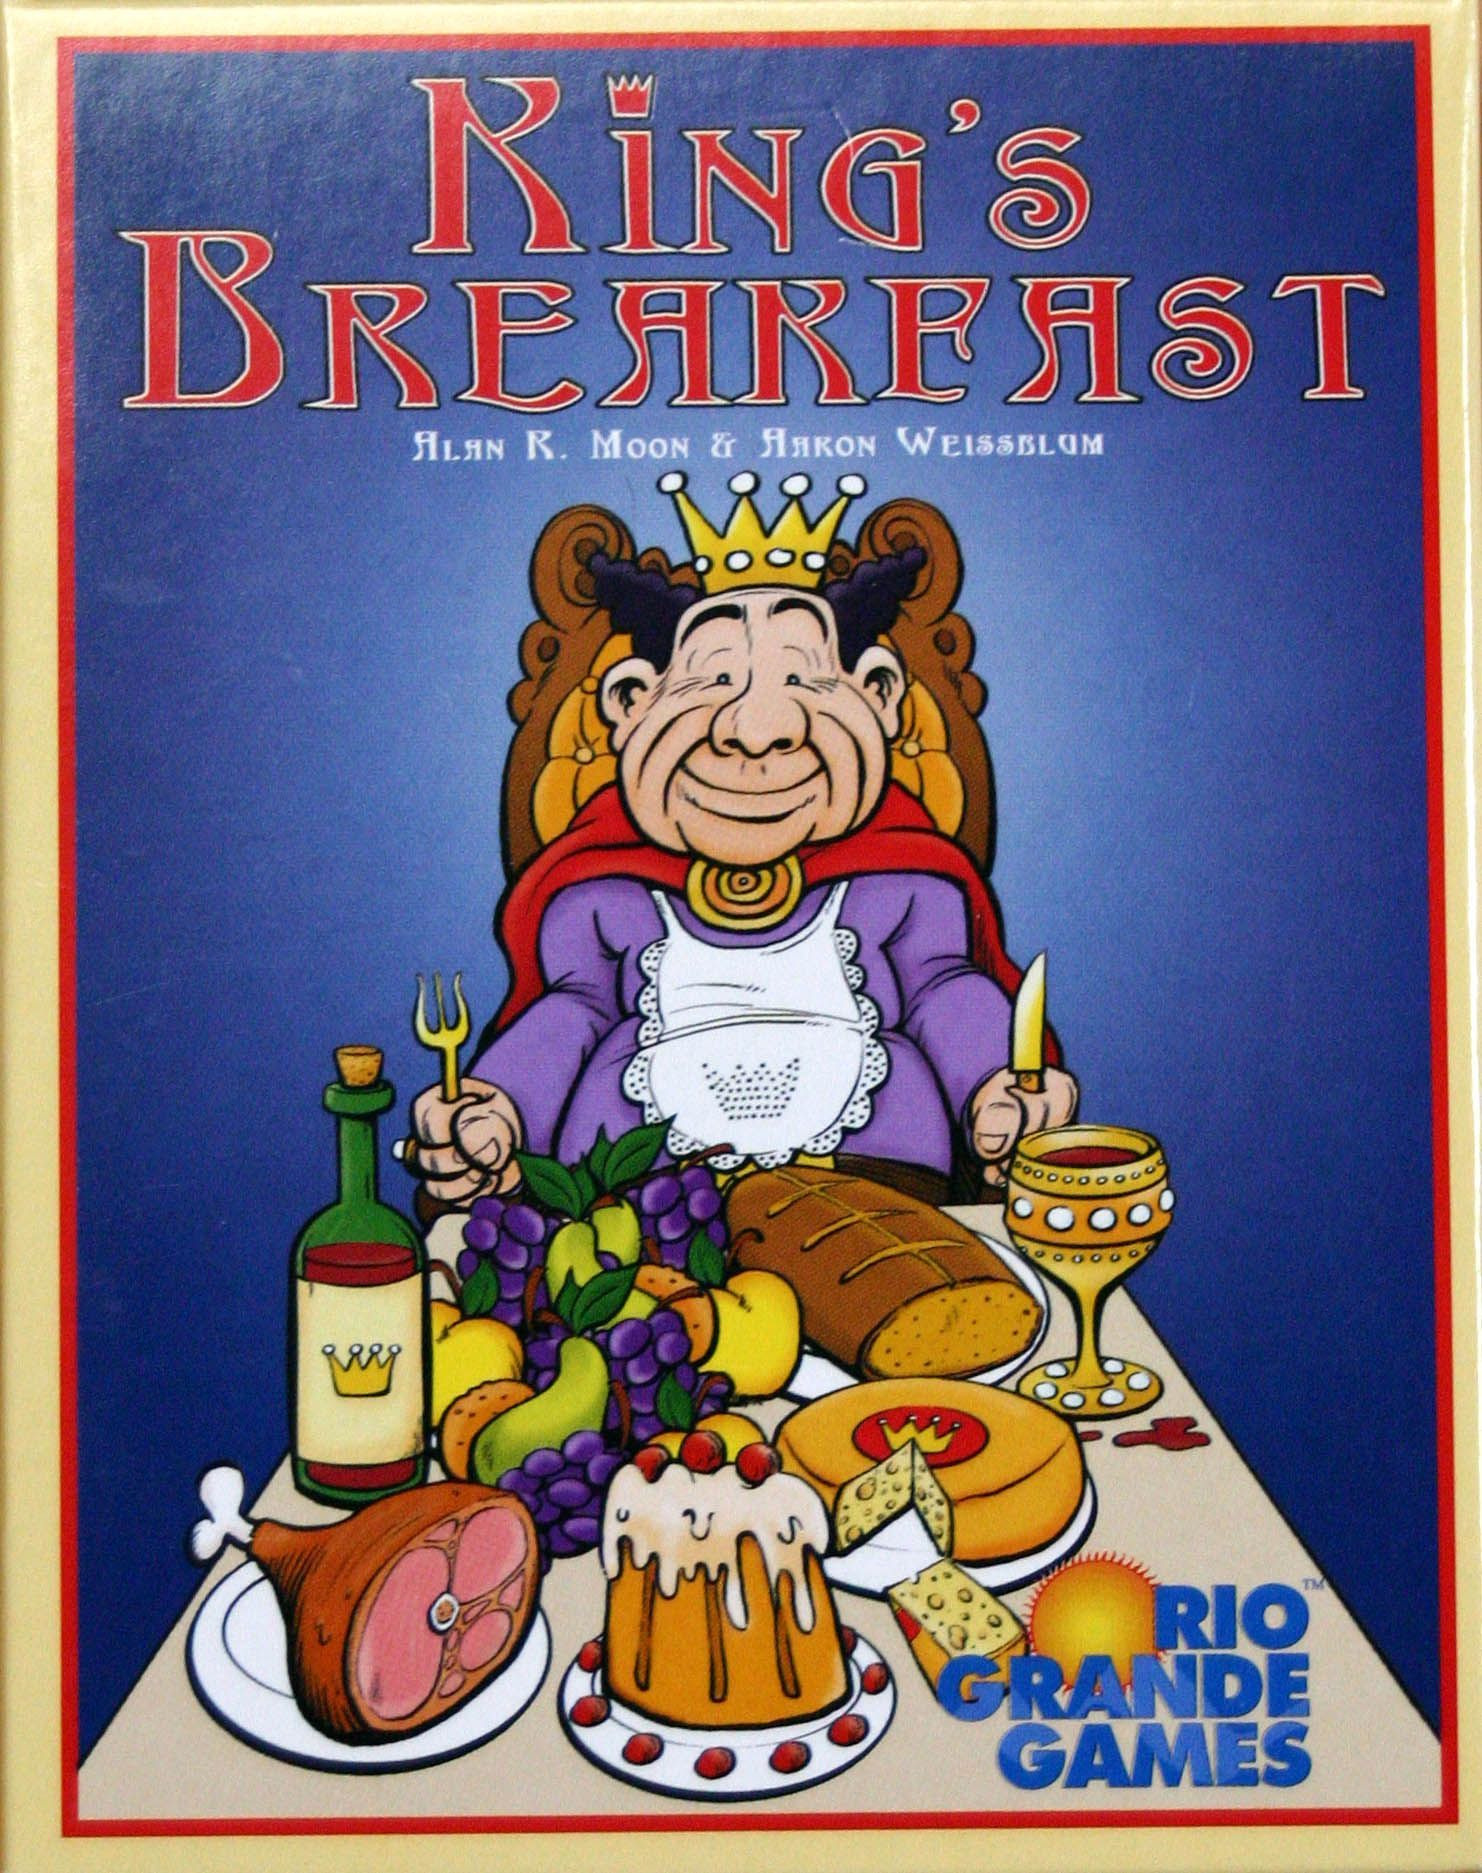 King's Breakfast